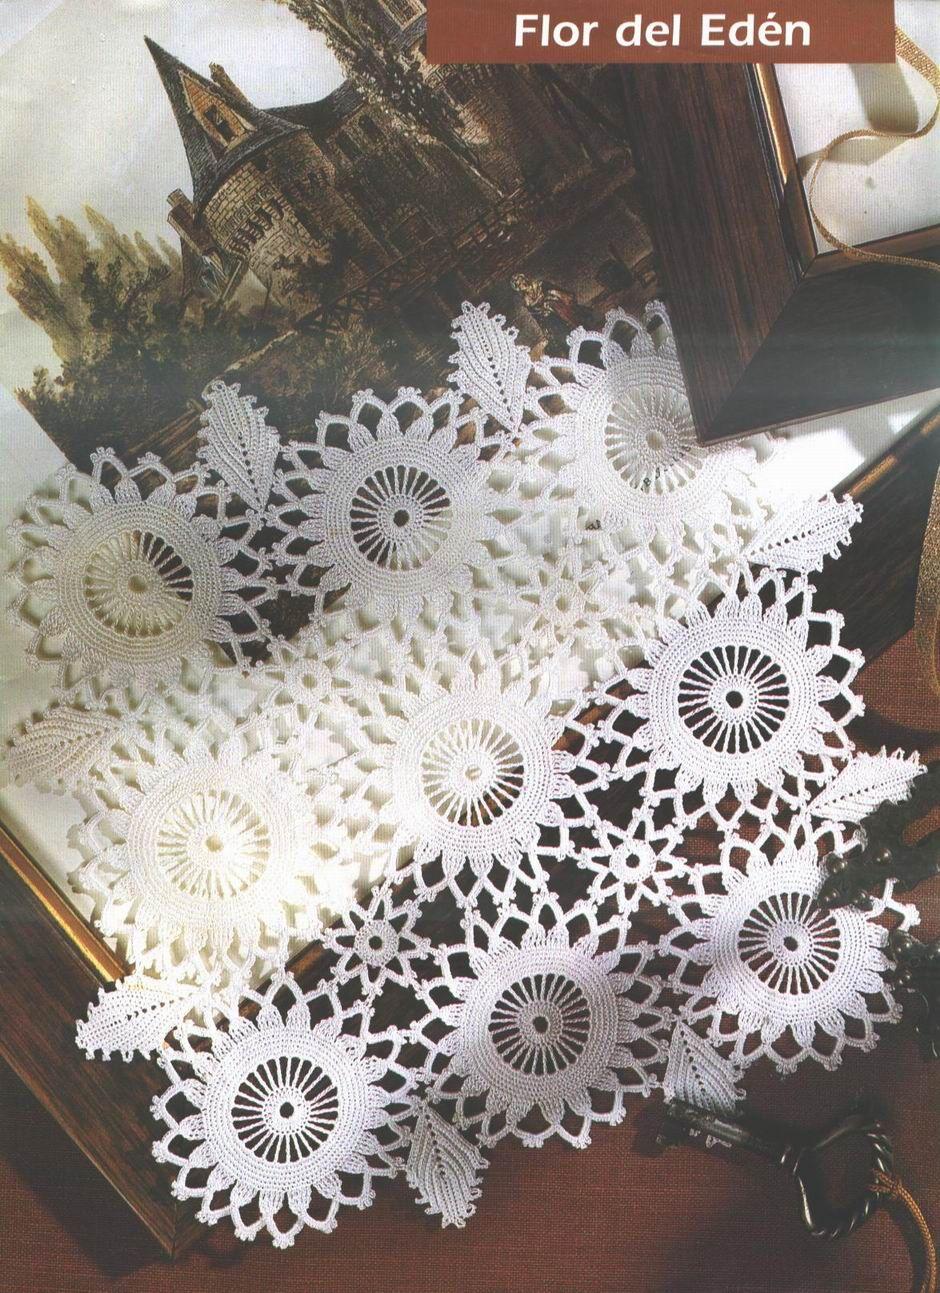 Kira scheme crochet   Crochet Tapetes   Pinterest   Crochet, Crochet ...